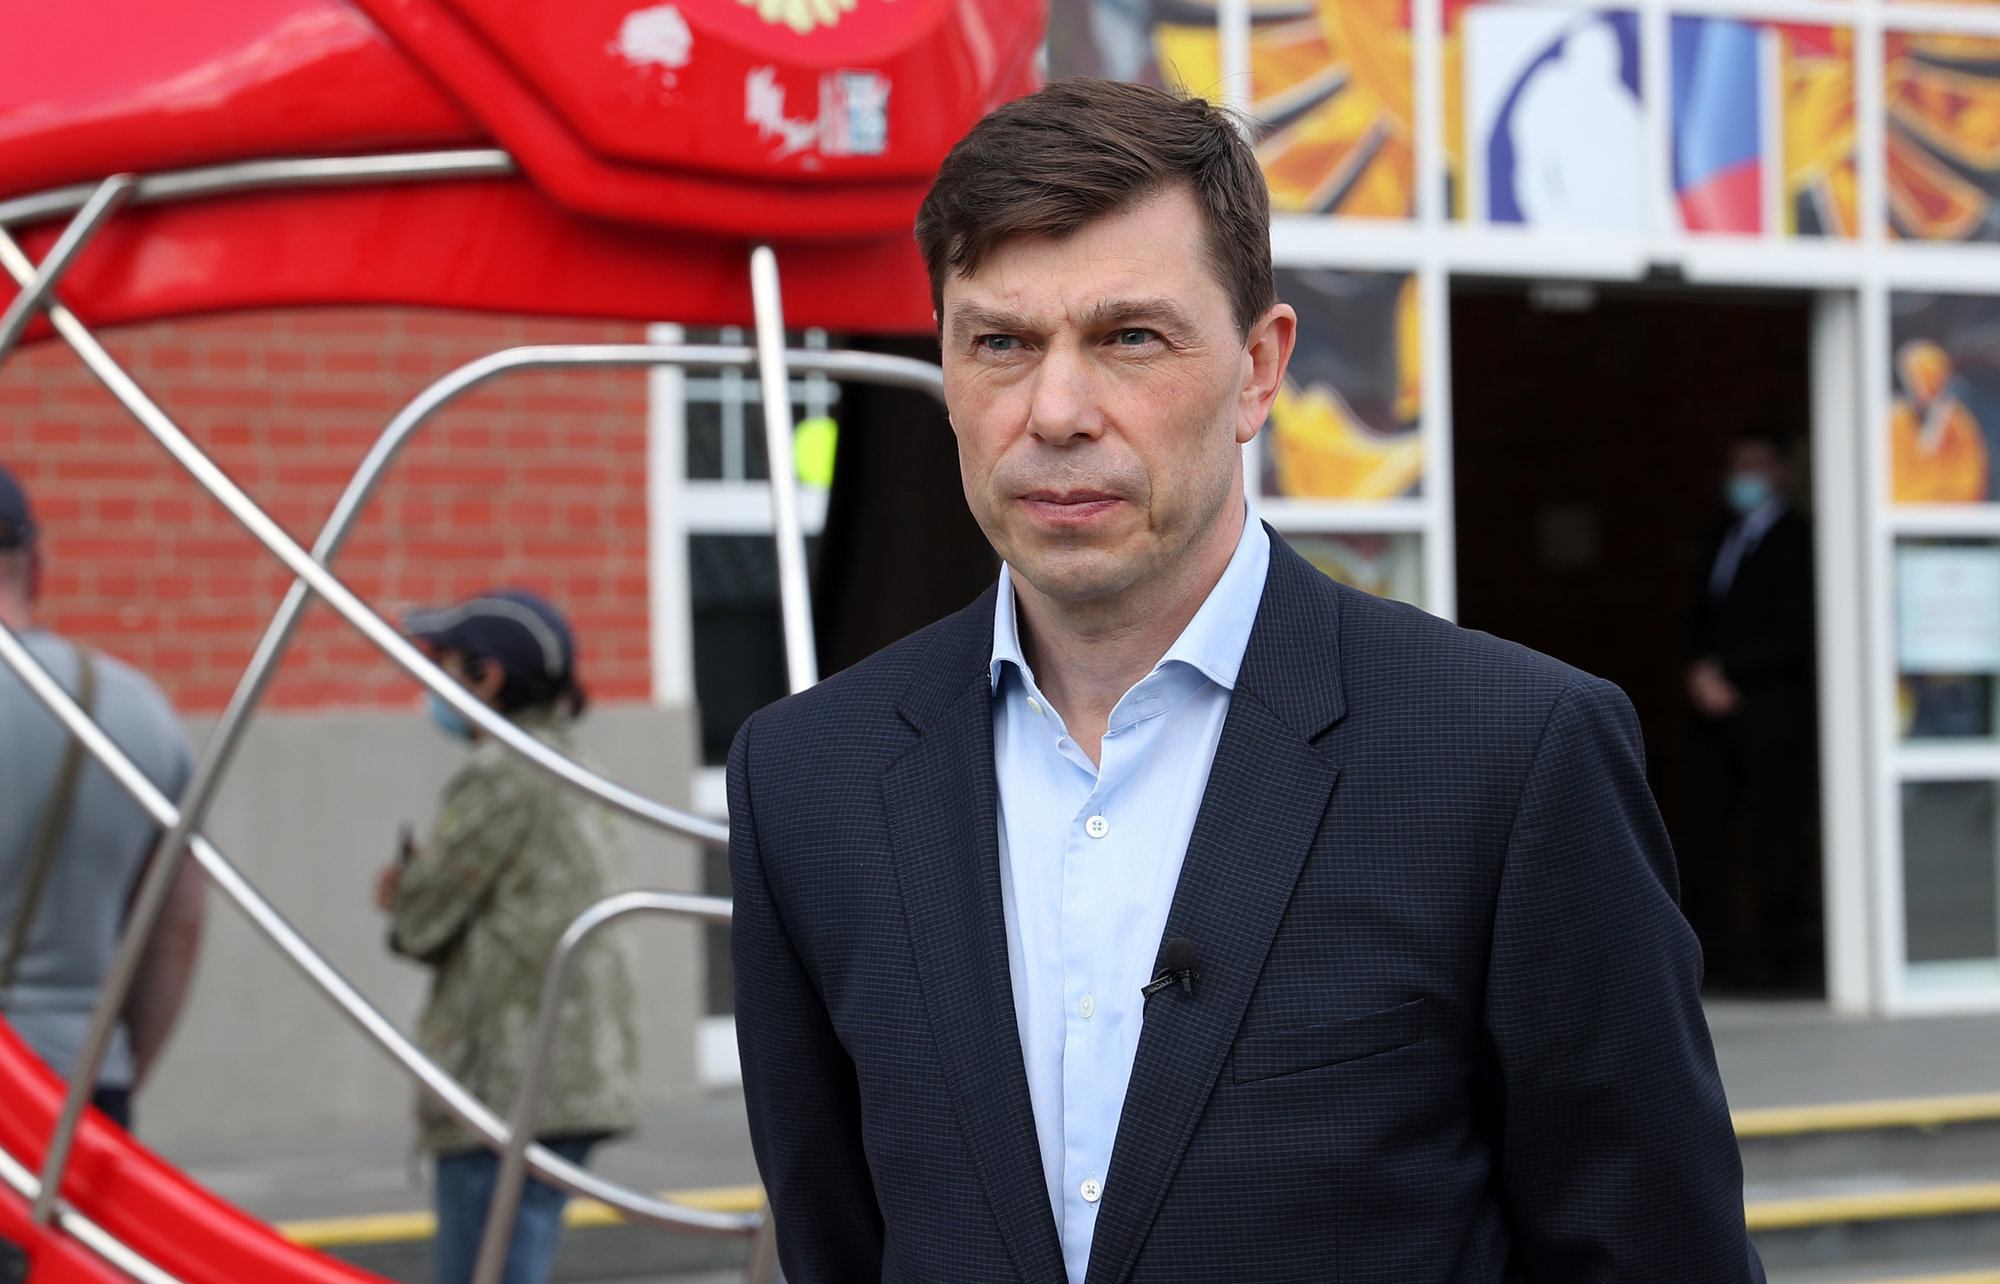 Алексей Кудашов: «О'Делл — хороший нападающий, способный усилить любую тройку атаки»